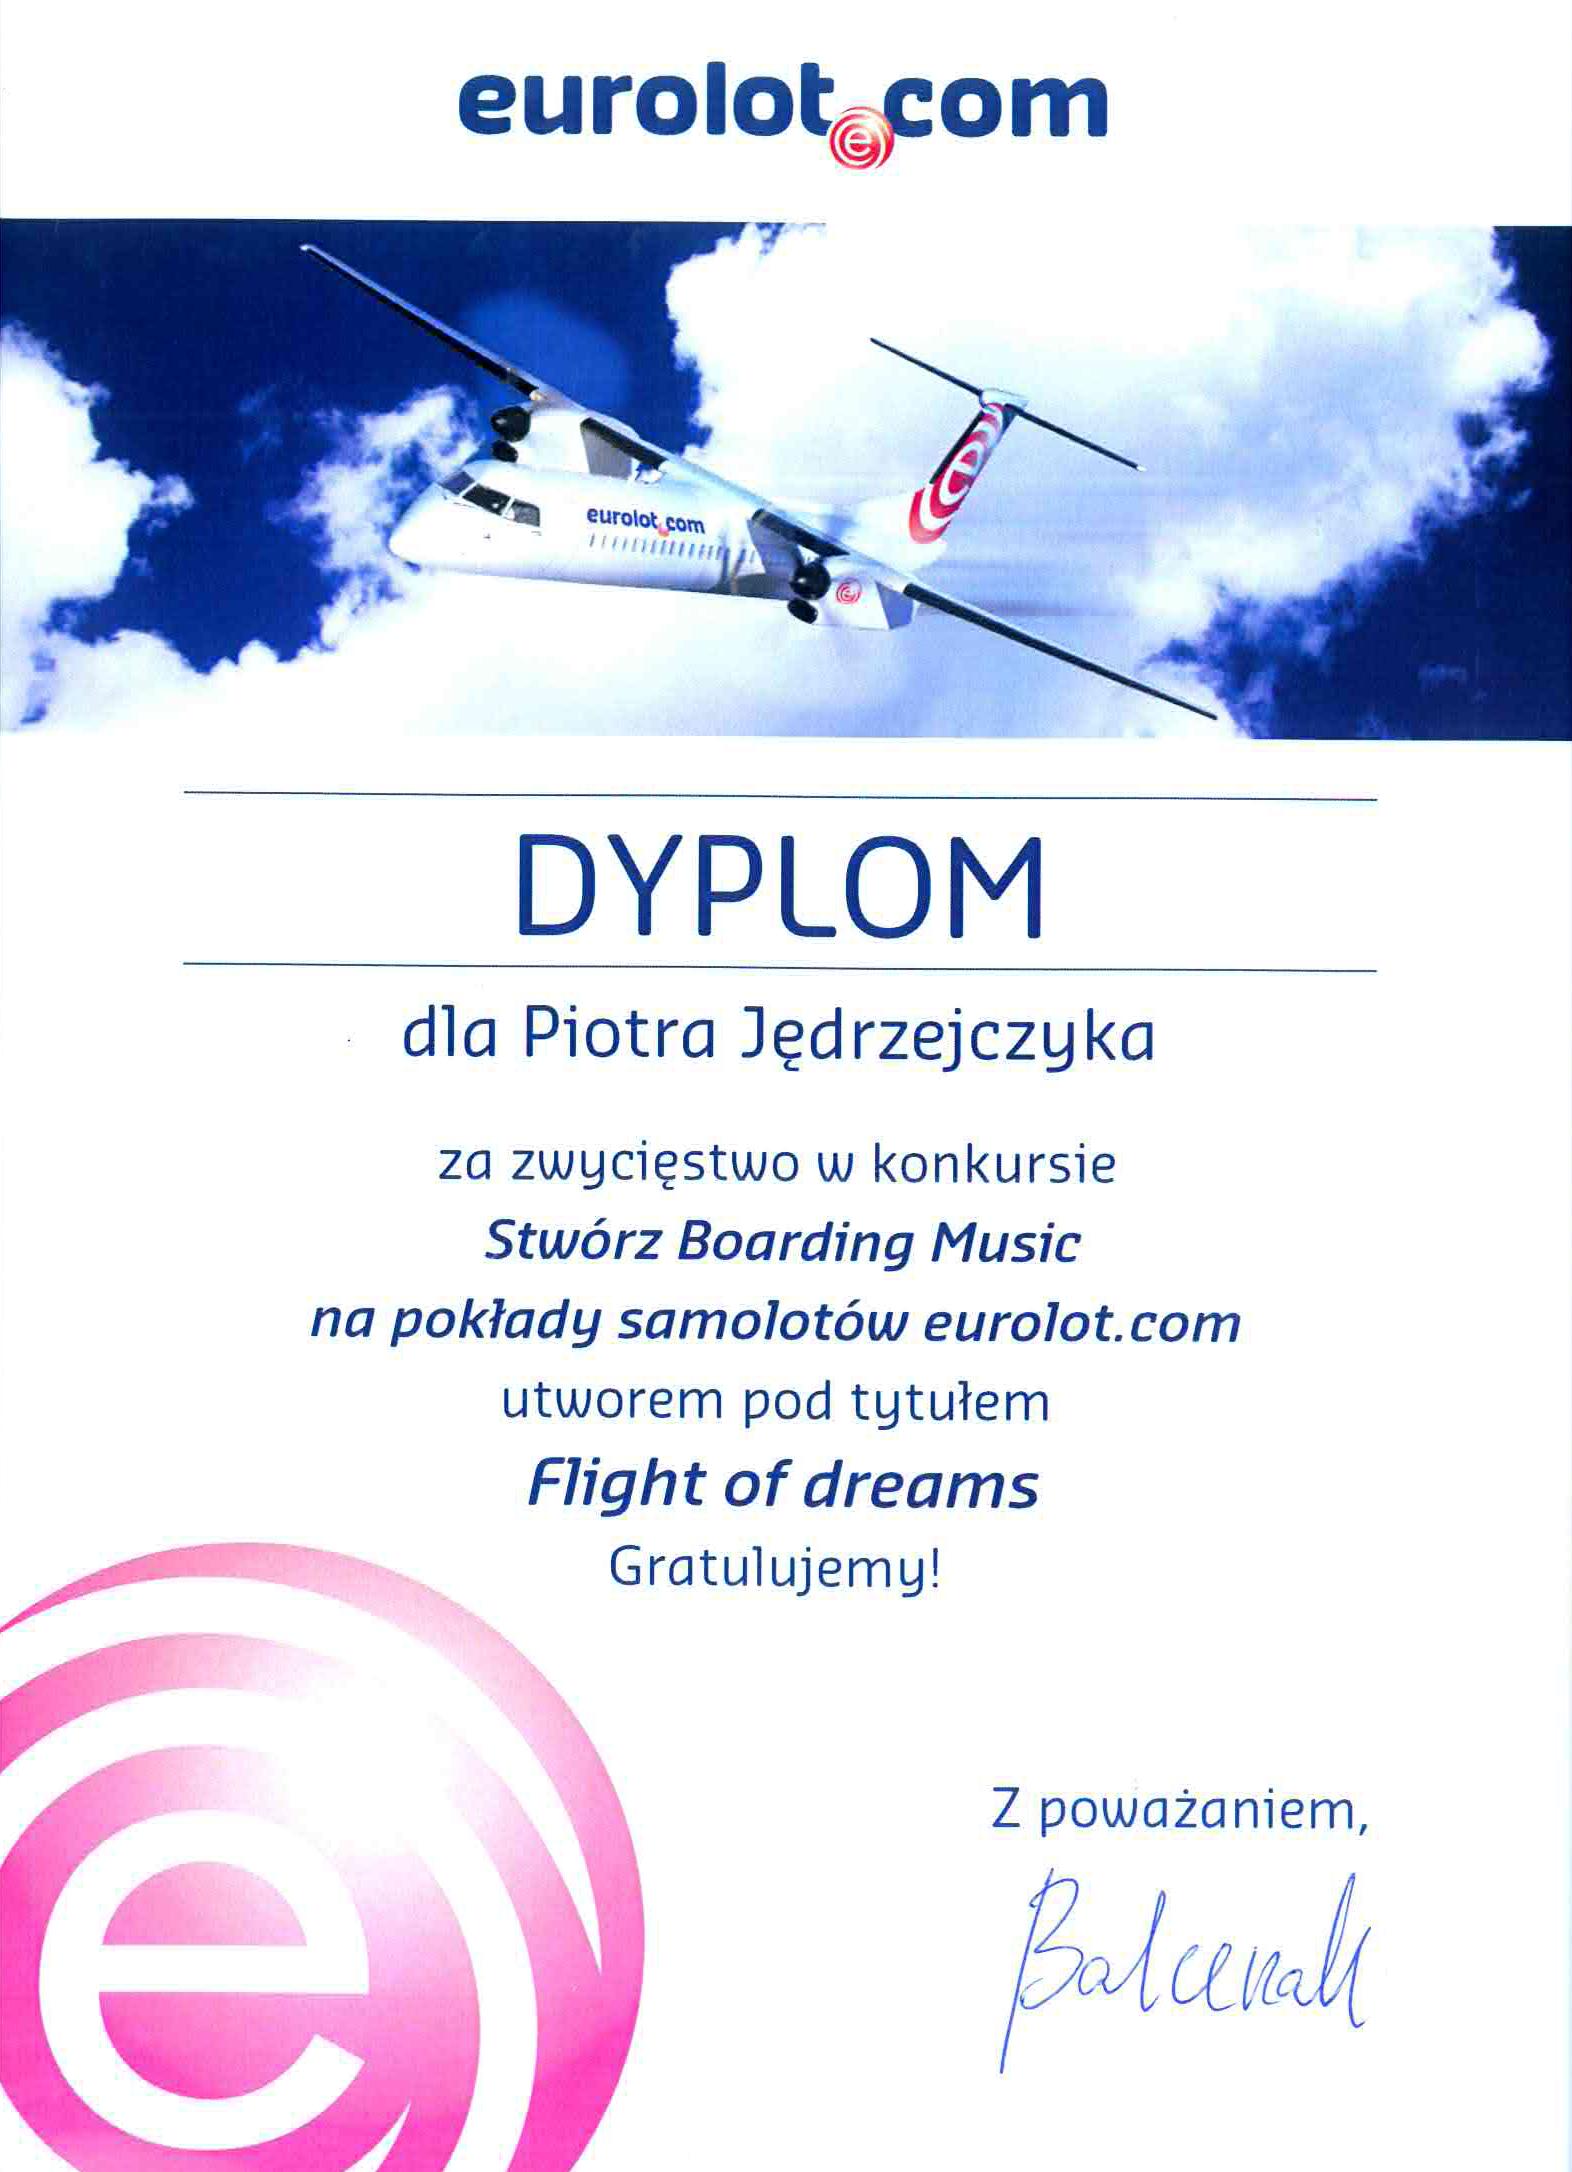 Piotr_Jędrzejczyk_Eurolot_dyplom